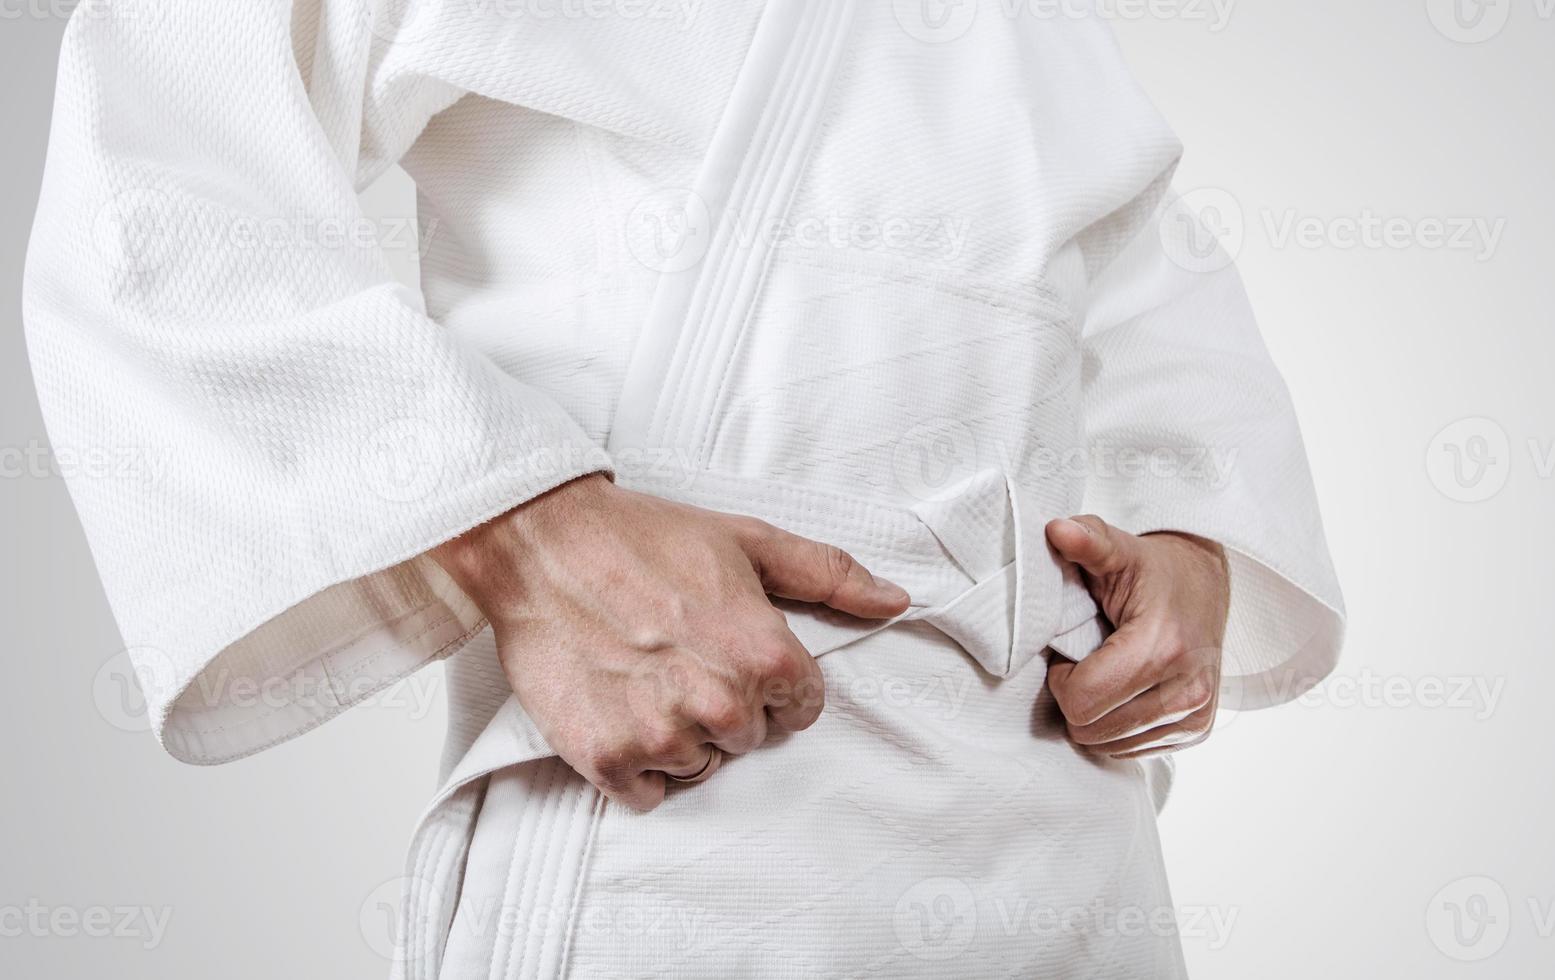 Kimonogürtel binden Nahaufnahmebild foto